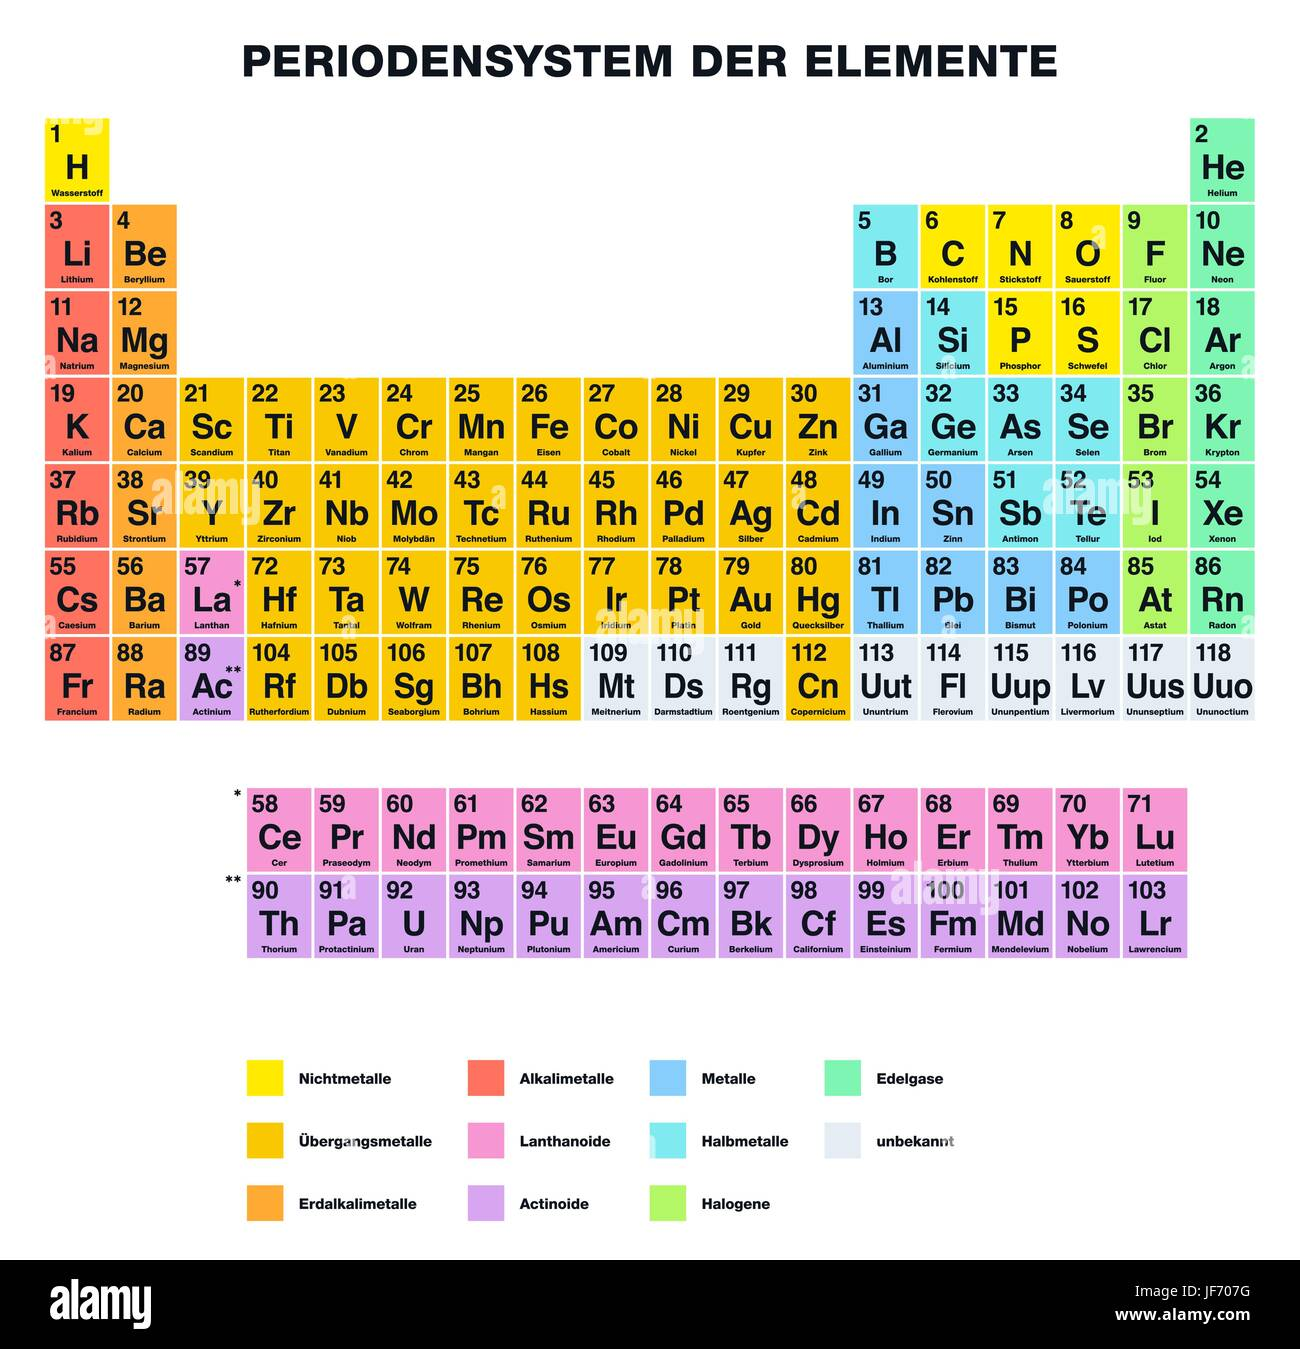 Tabla peridica de los elementos rtulos en alemn ilustracin del tabla peridica de los elementos rtulos en alemn urtaz Images